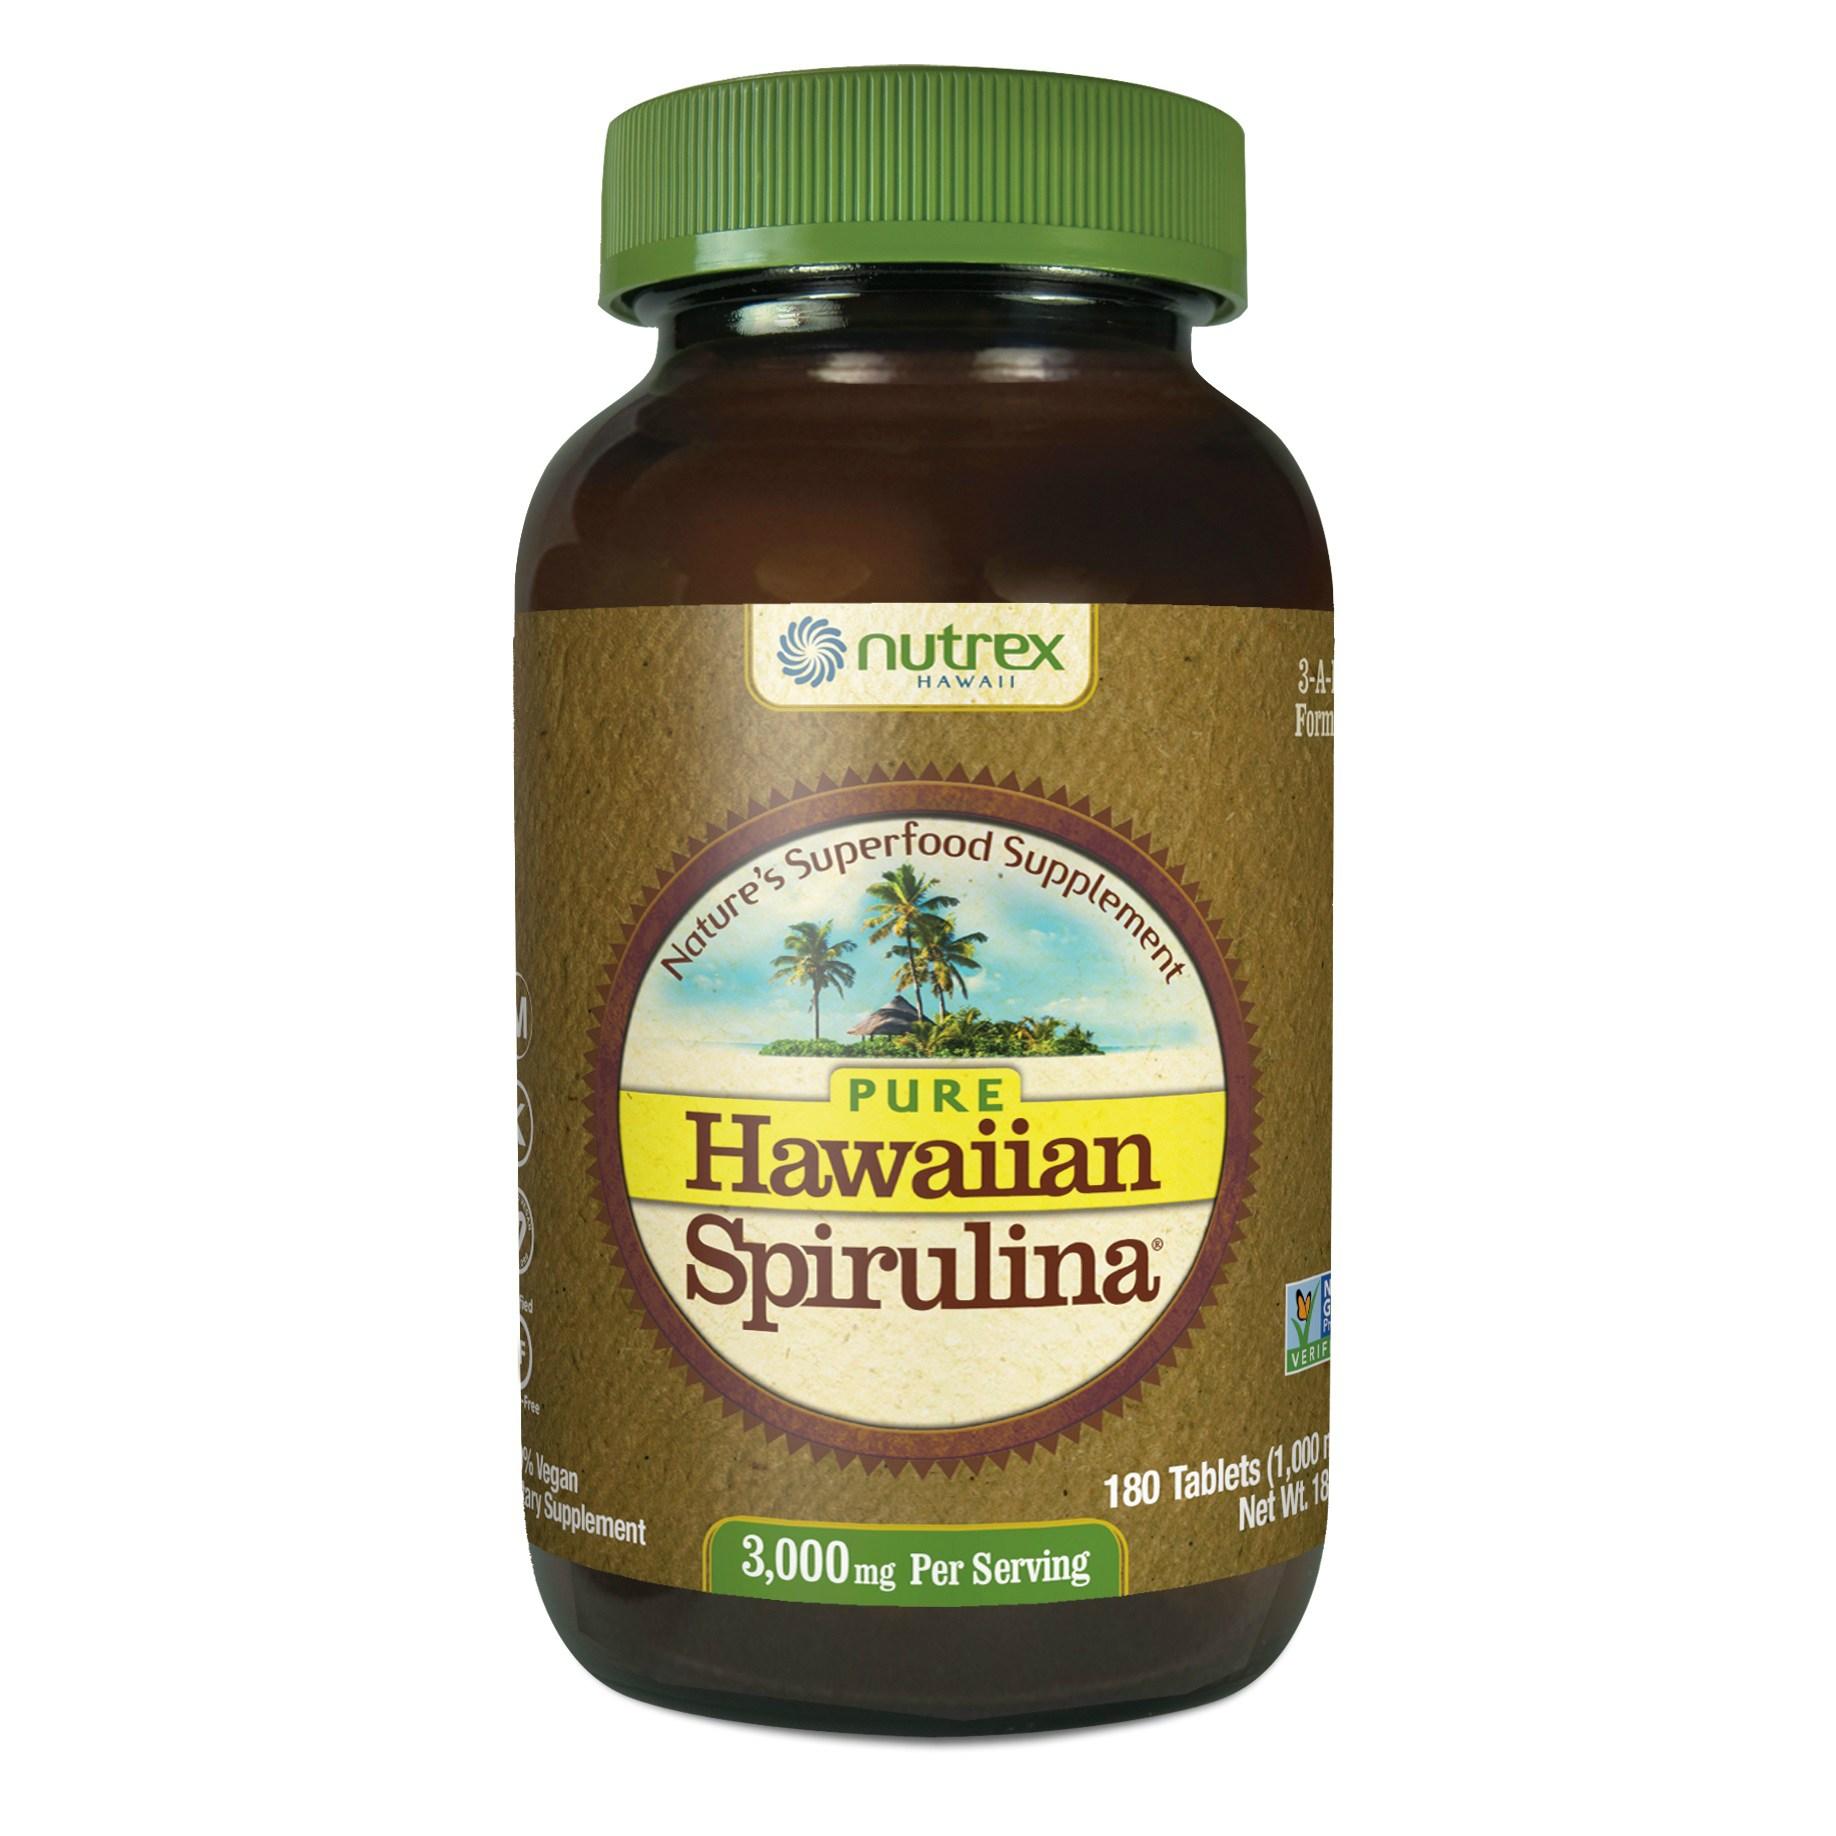 뉴트렉스하와이 퓨어 하와이안 스피룰리나 퍼시피카 3000mg 타블렛, 180개입, 1개